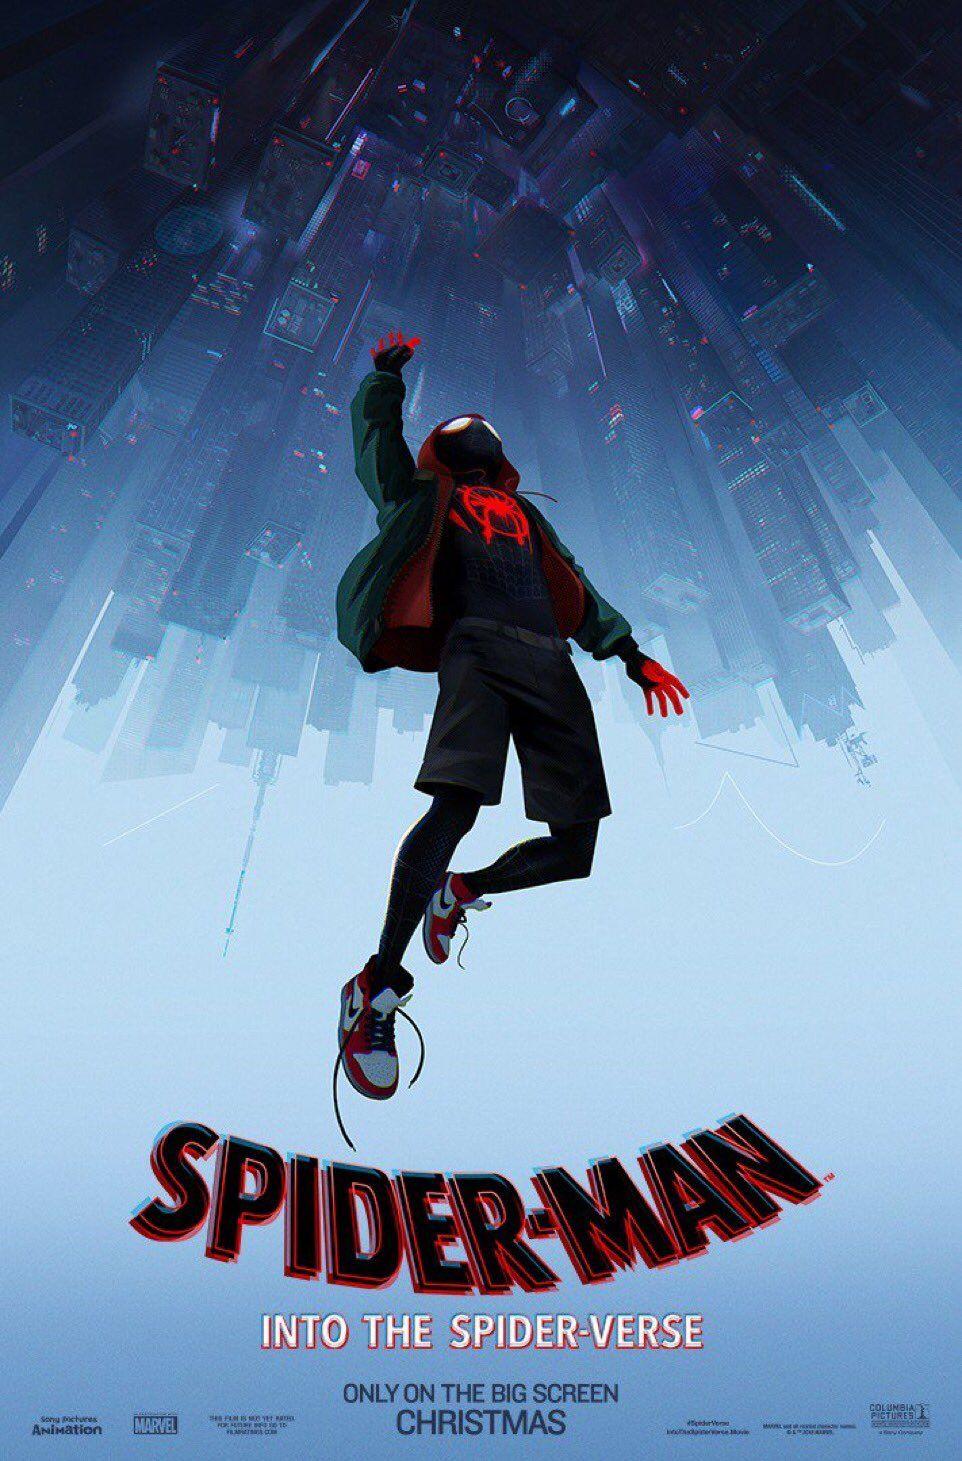 spiderman-spider-verse